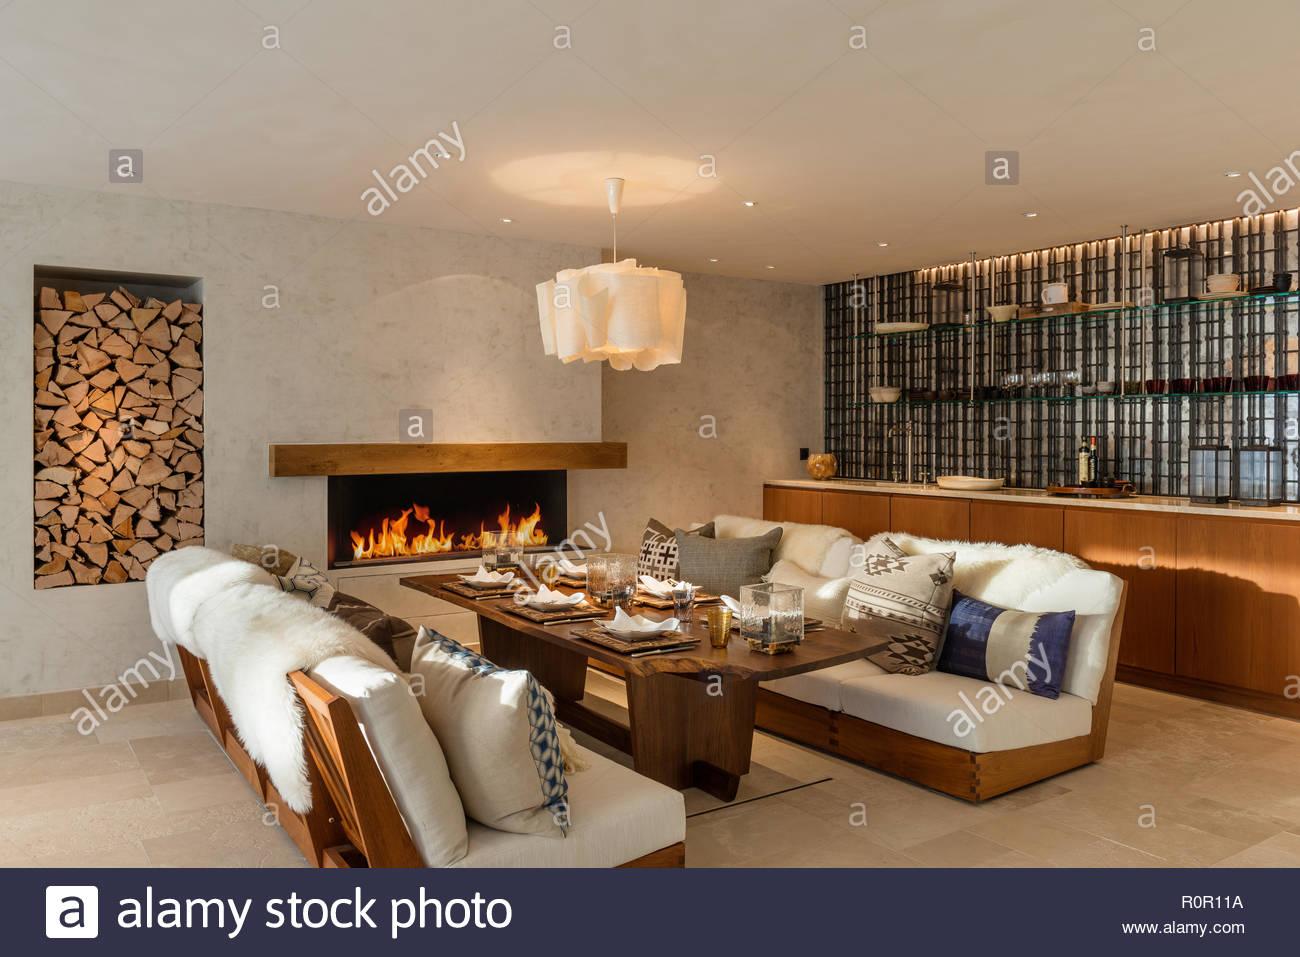 Sala Da Pranzo Rustica : Sala da pranzo rustica con acceso il fuoco foto immagine stock